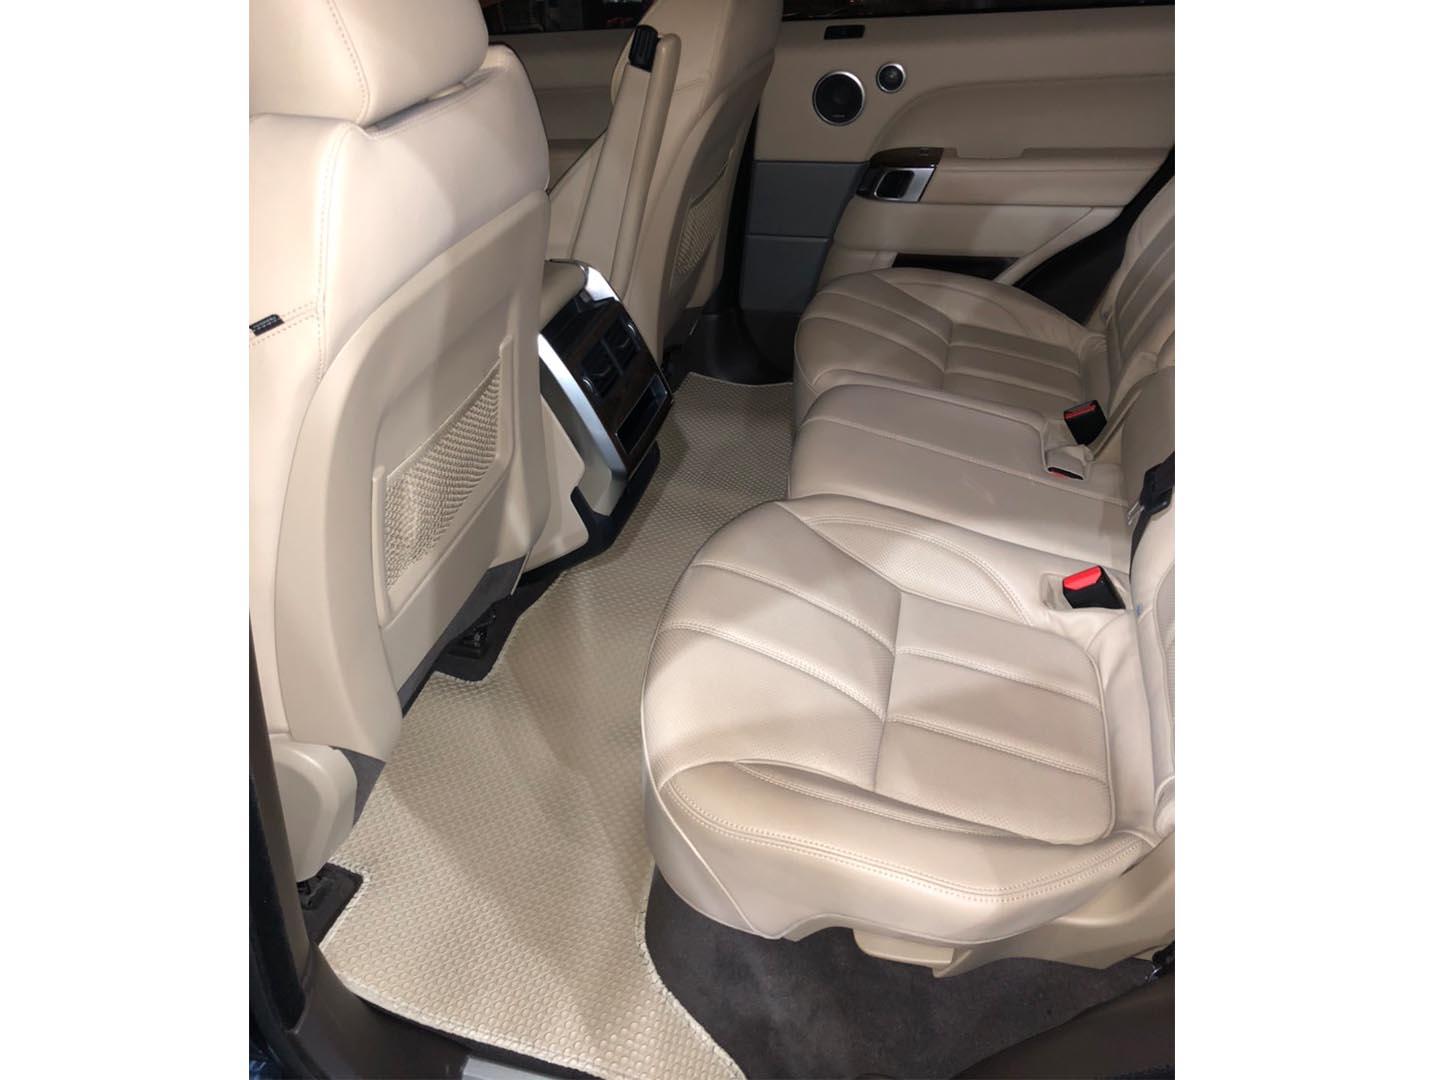 Thảm lót sàn Range Rover Sport 5 chỗ